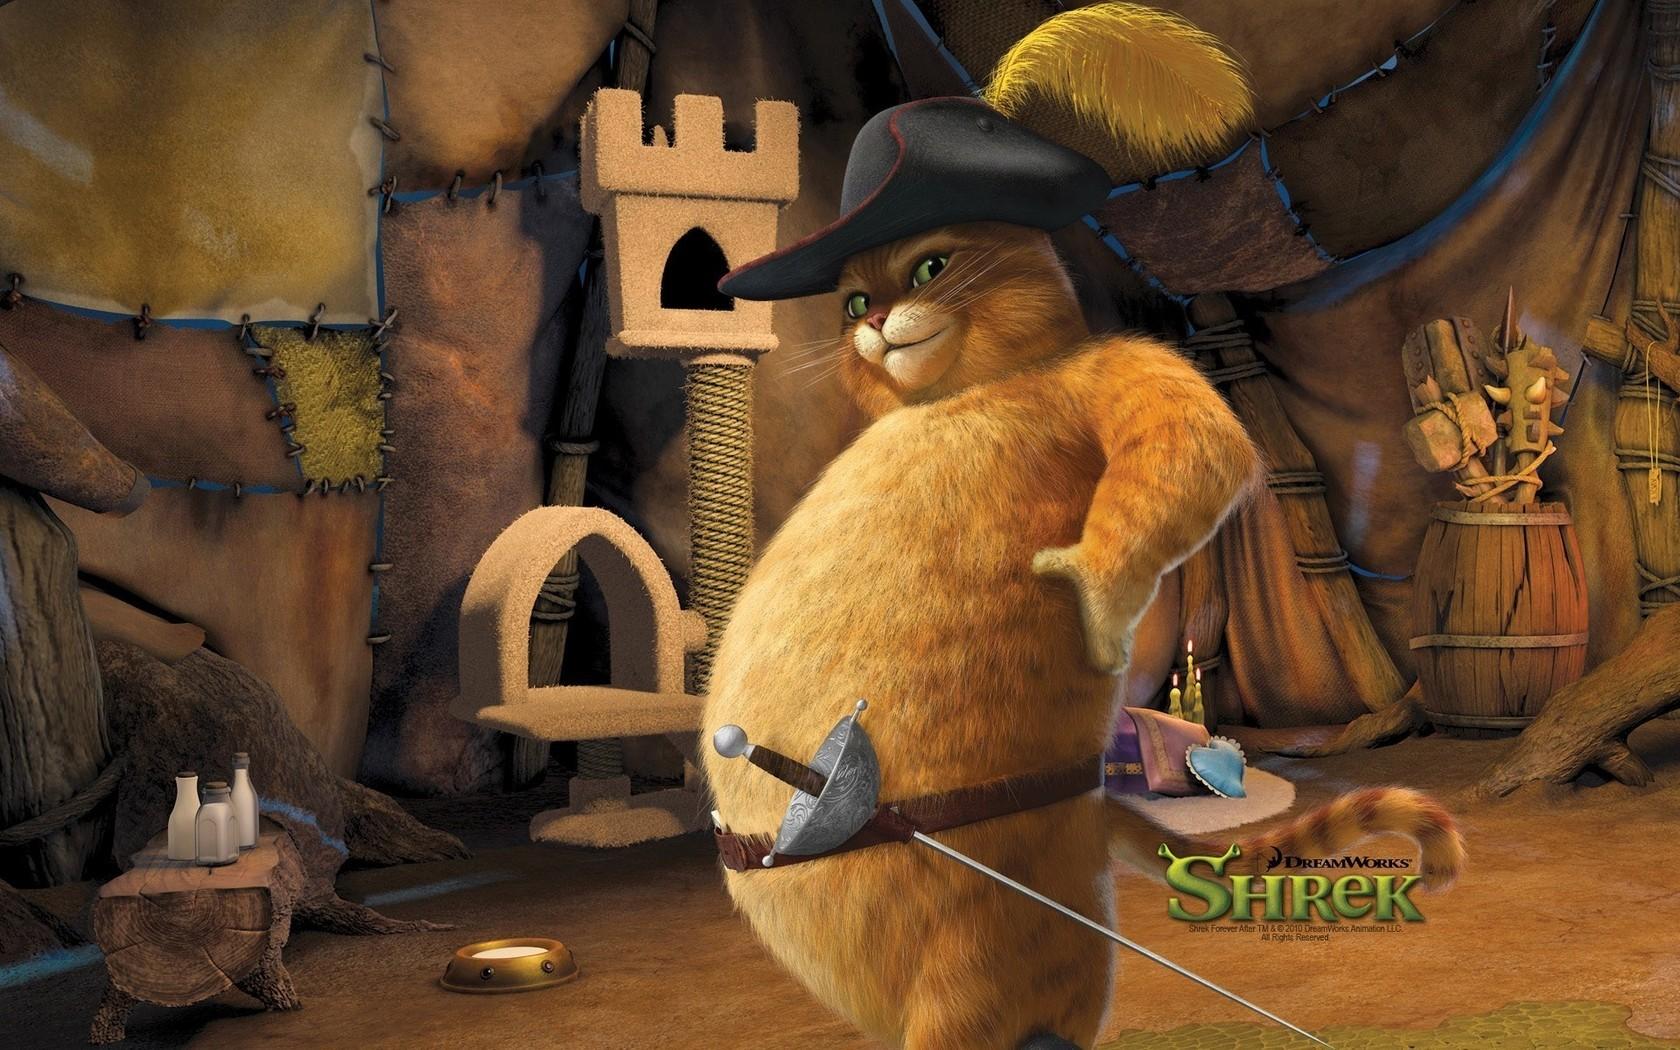 Картинка из фильма шрек кот в сапогах